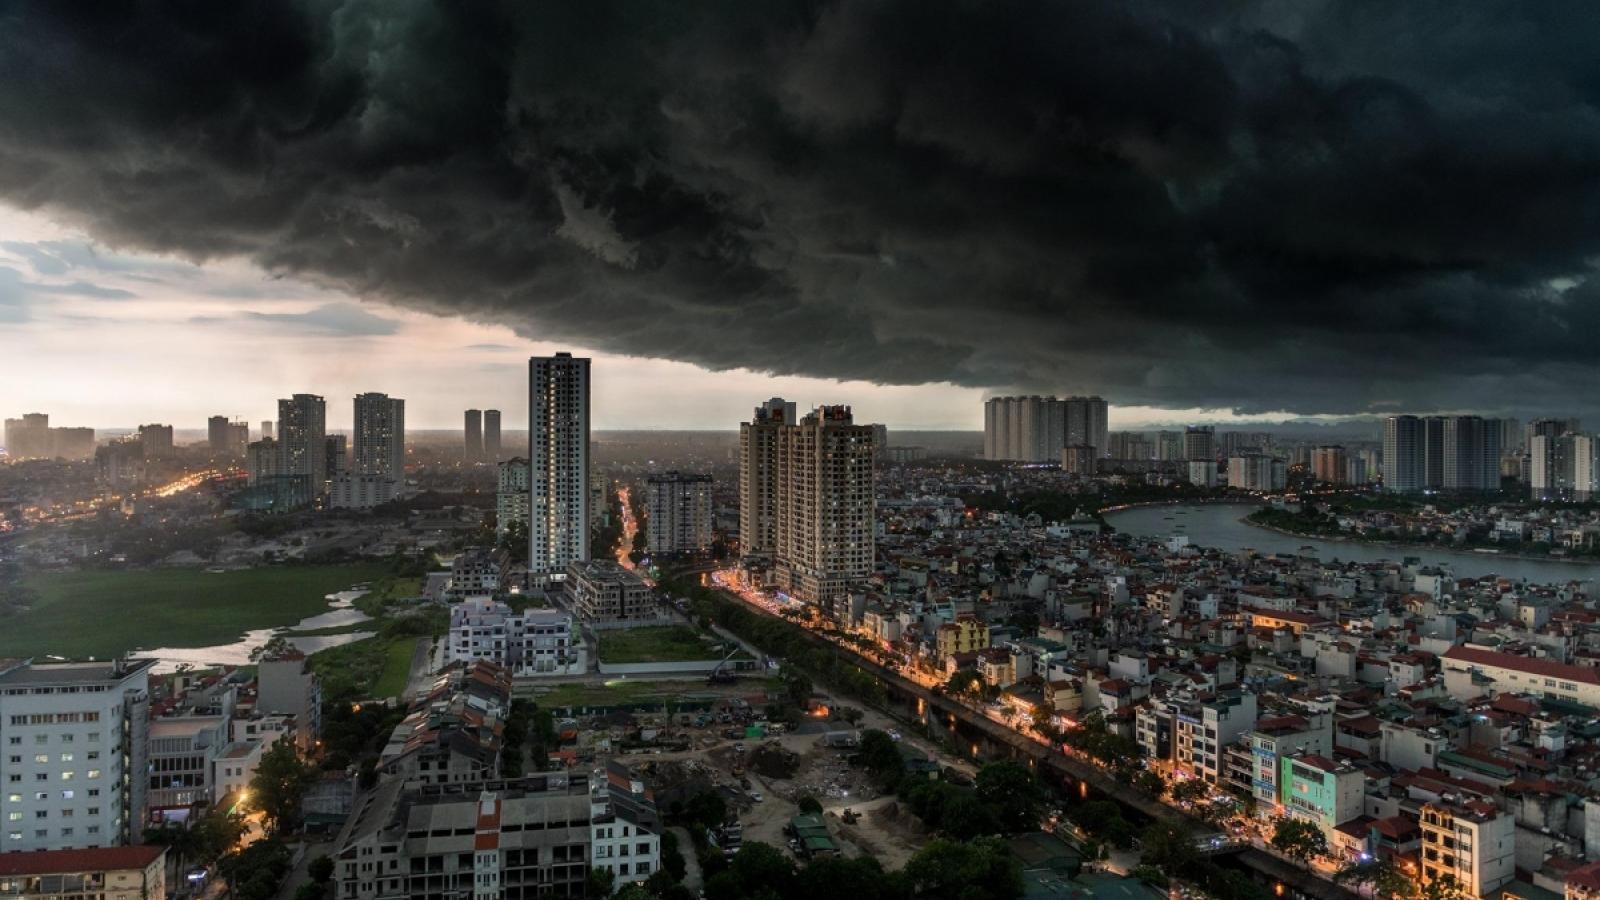 Thời tiết ngày 10/9: Dự báo mưa dông vào chiều tối và đêm trên cả nước